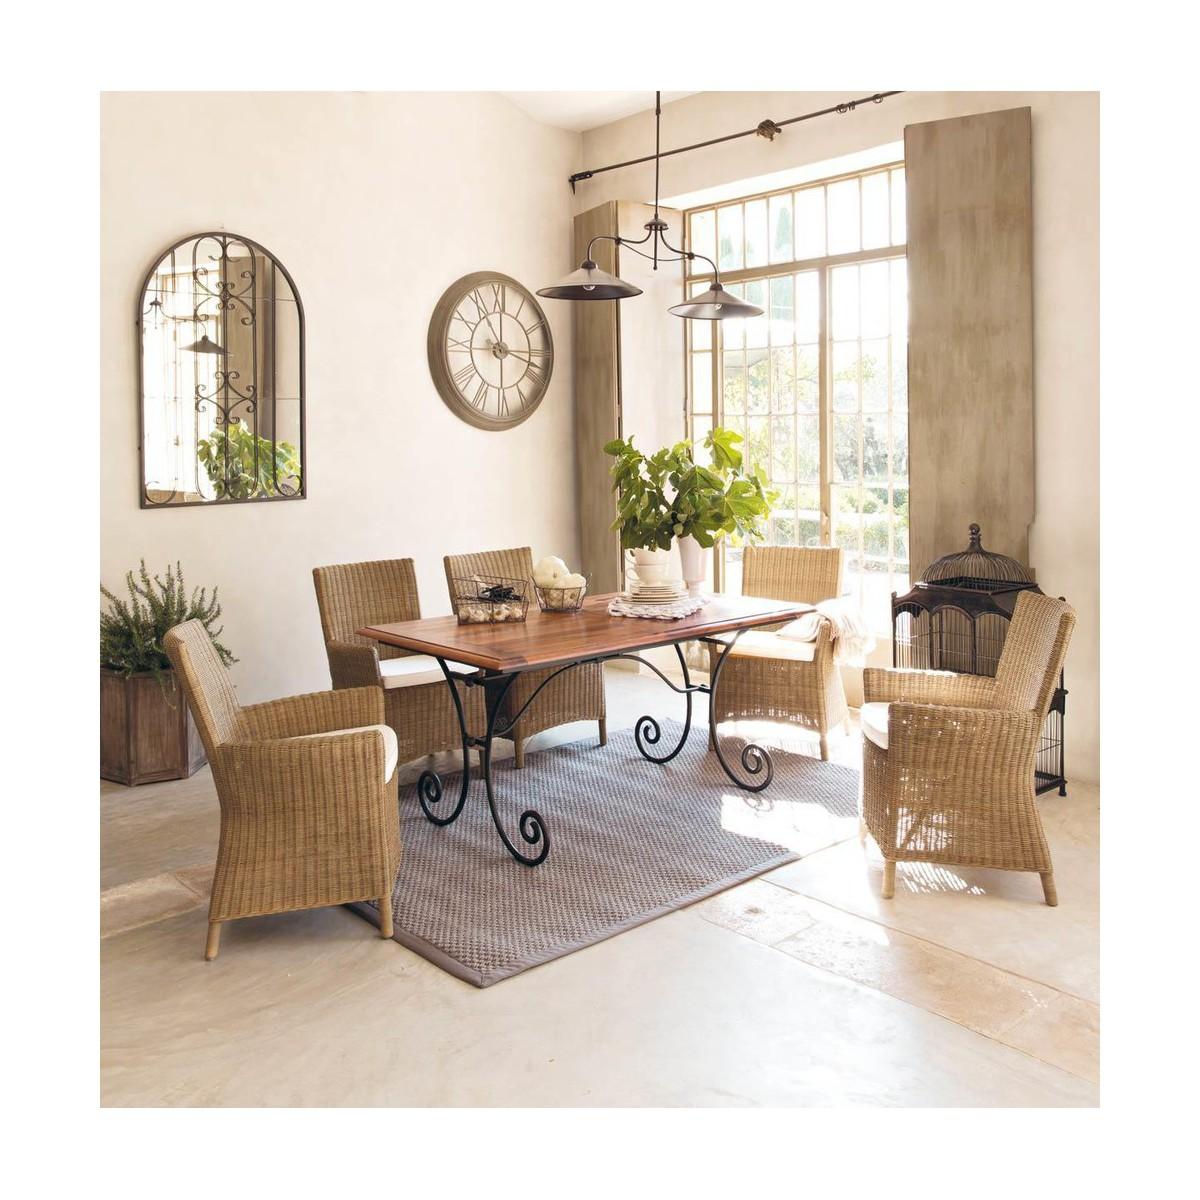 Pin en fer forg plateau en bois de ch ne pour table ronde - Table fer et bois salle manger ...